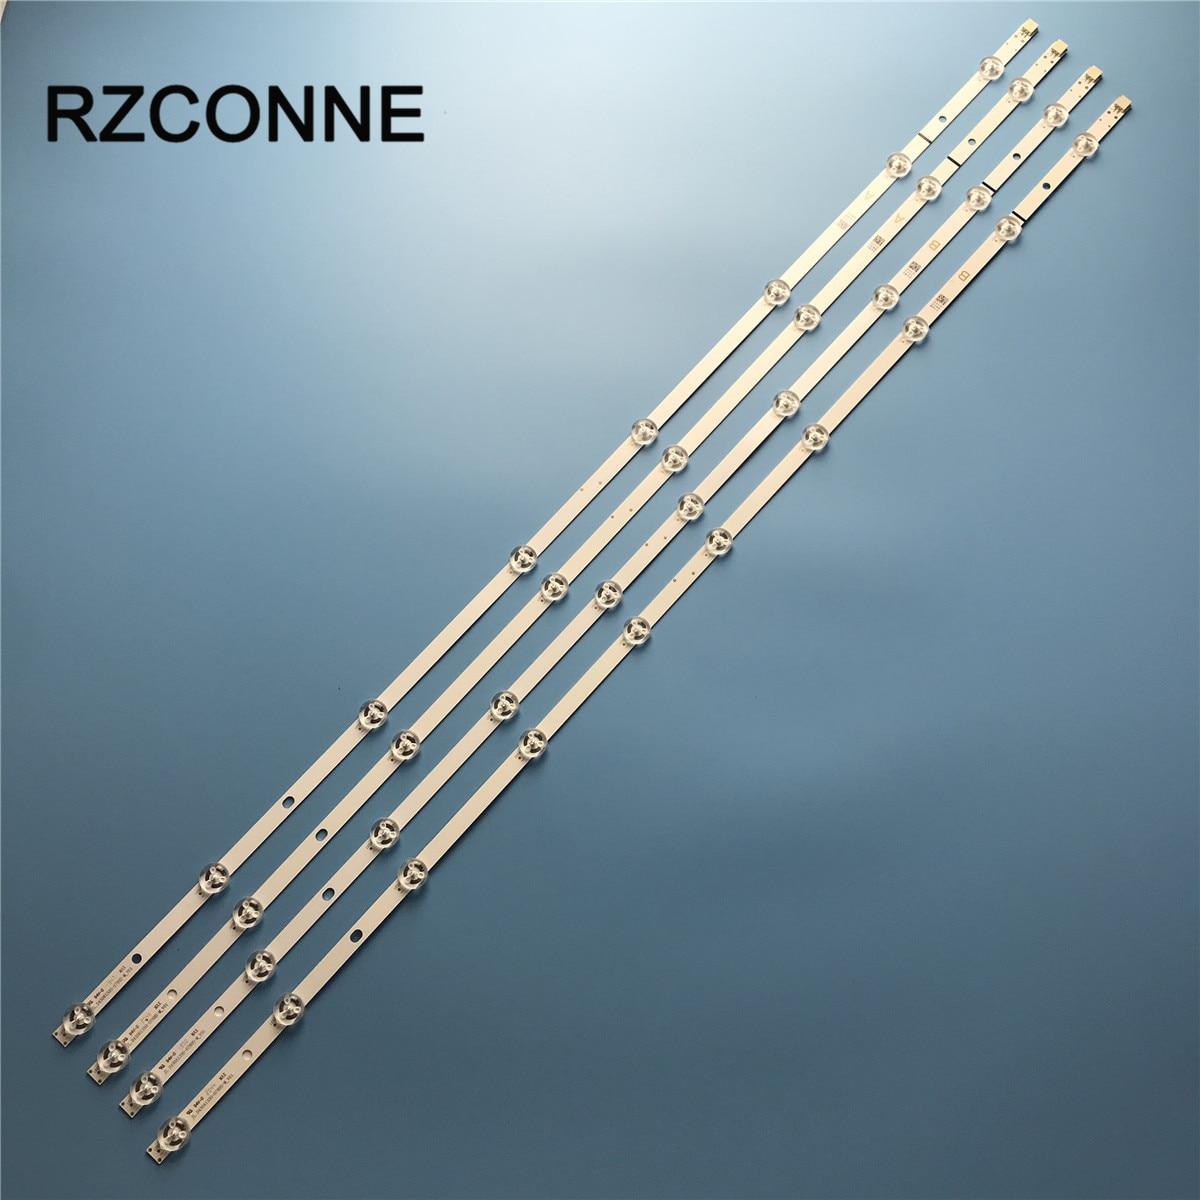 LED Backlight strip lamp For LG Innotek VESTEL 43inch 43350 A_type B JL.D430A1330 JL.D43081330-078HS-M SVV430A52 SVV430A78